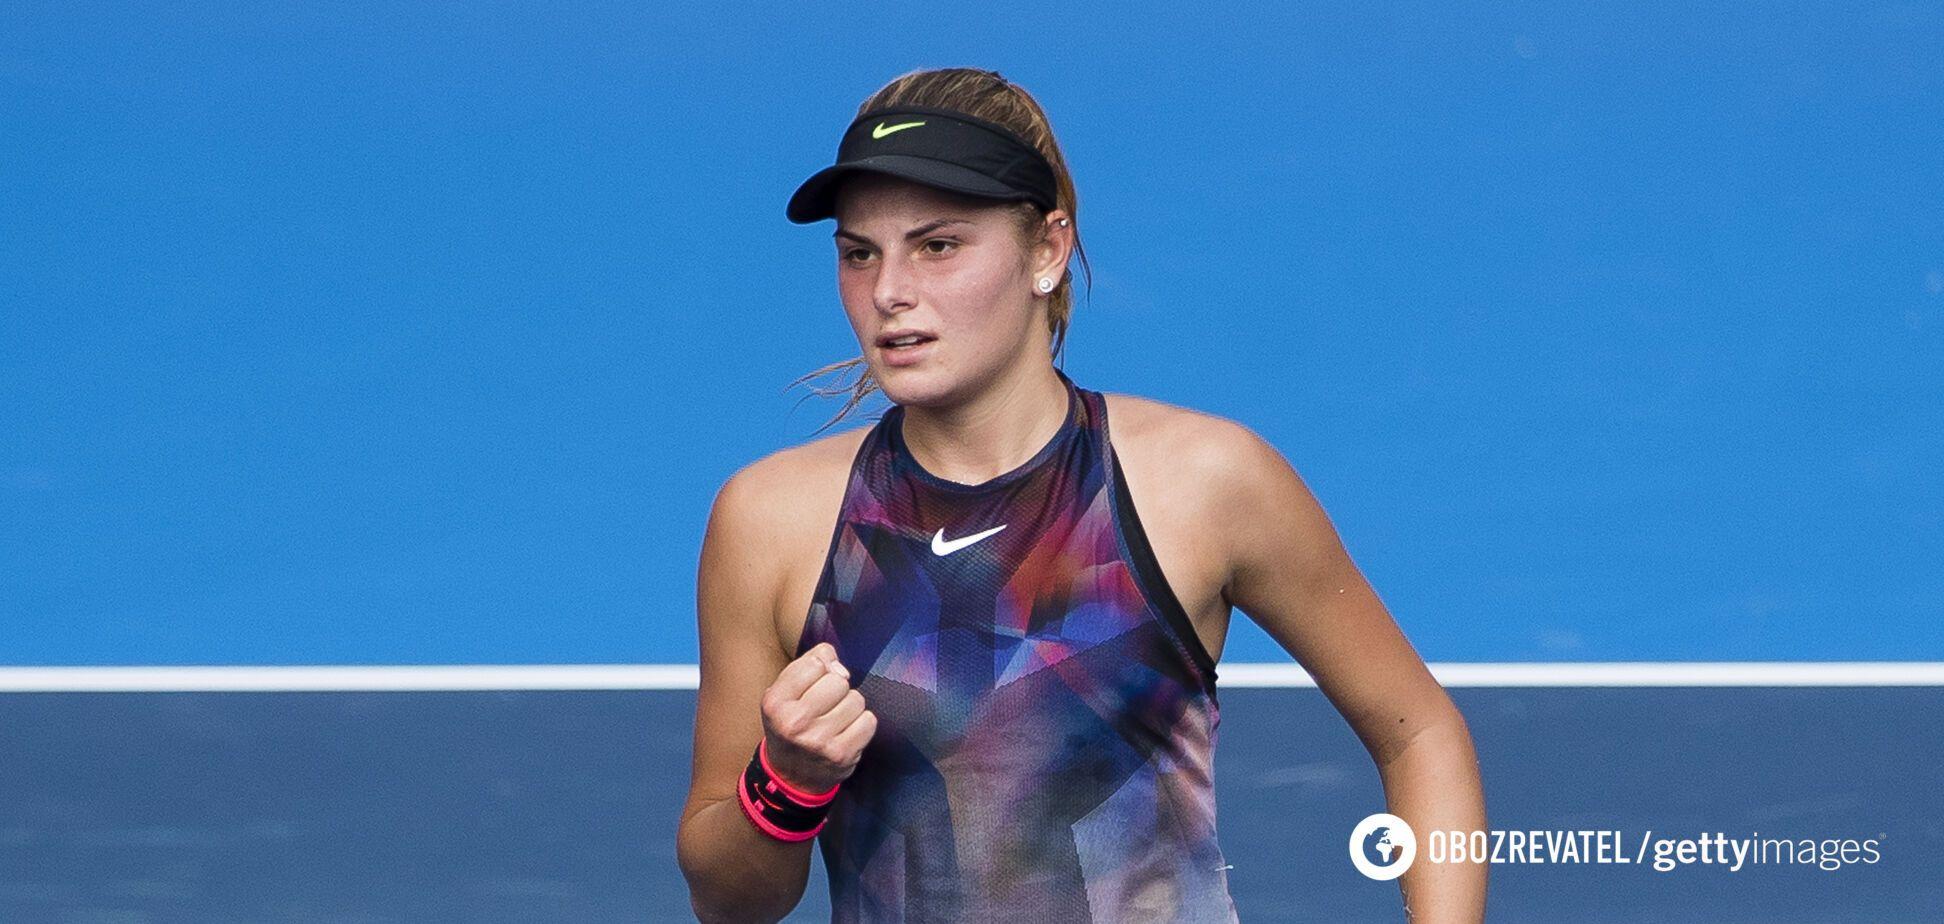 Катарина Завацкая выиграла мини-турнир во Франции